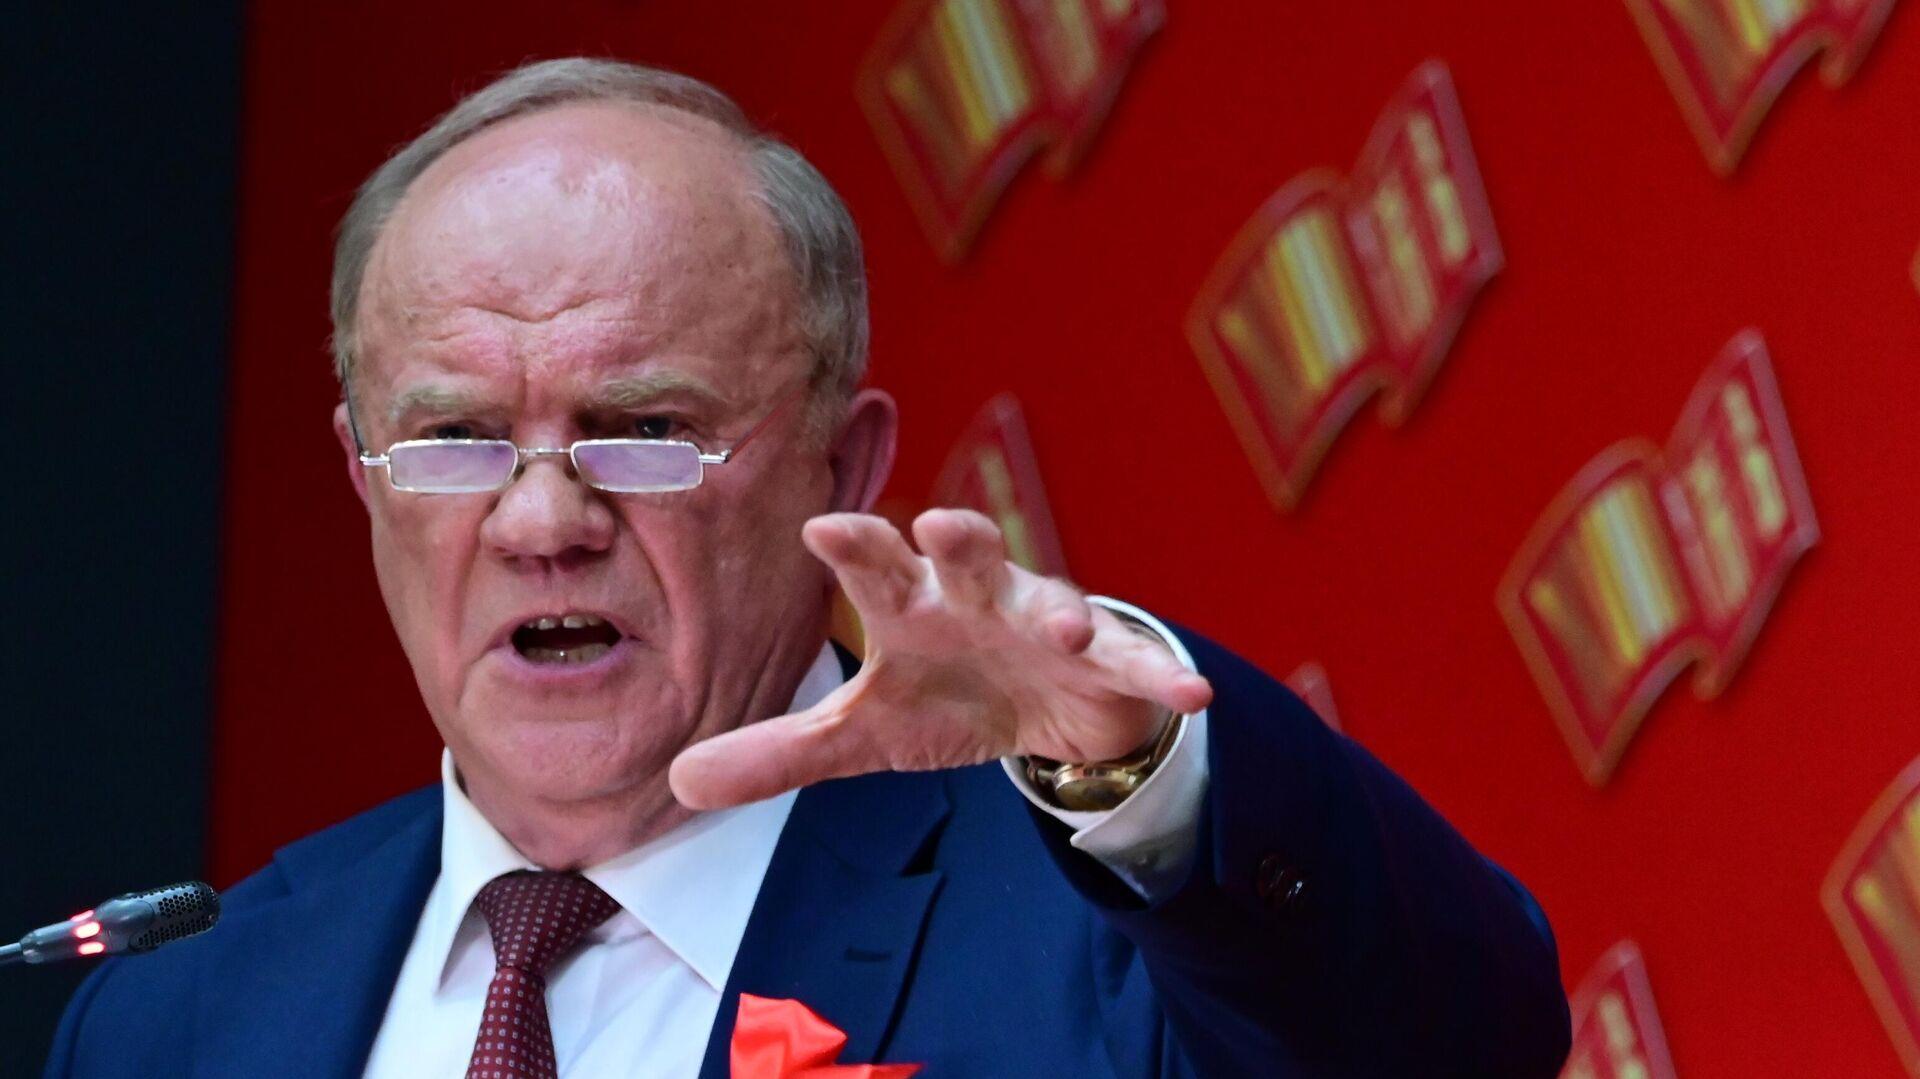 Председатель ЦК КПРФ Геннадий Зюганов выступает на ХVIII съезде КПРФ - РИА Новости, 1920, 24.07.2021